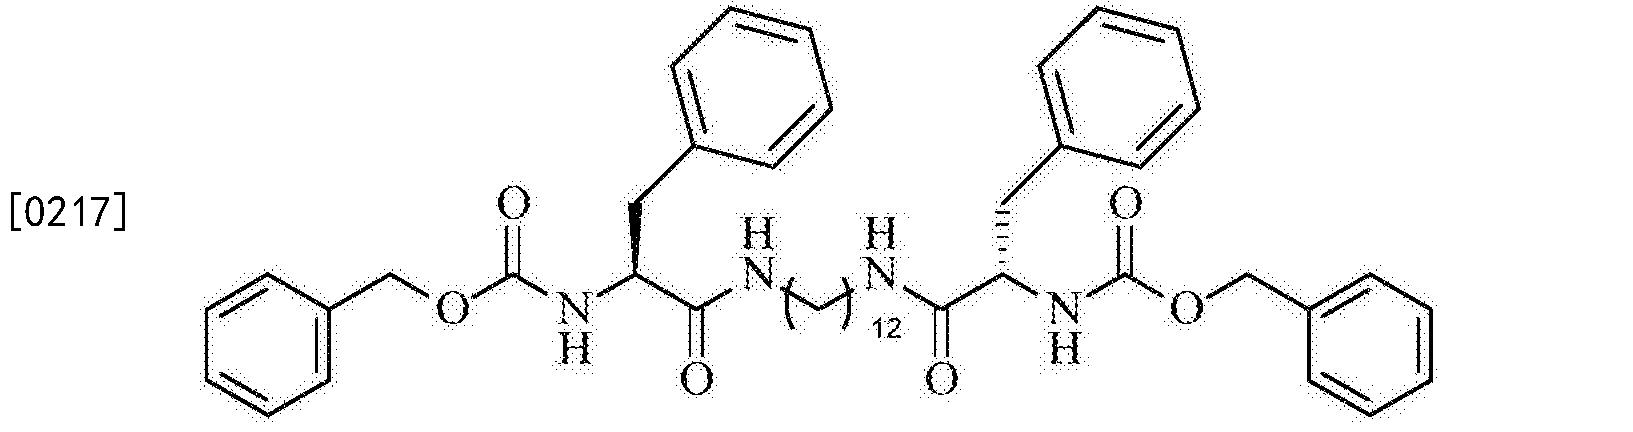 Figure CN105492587BD00244